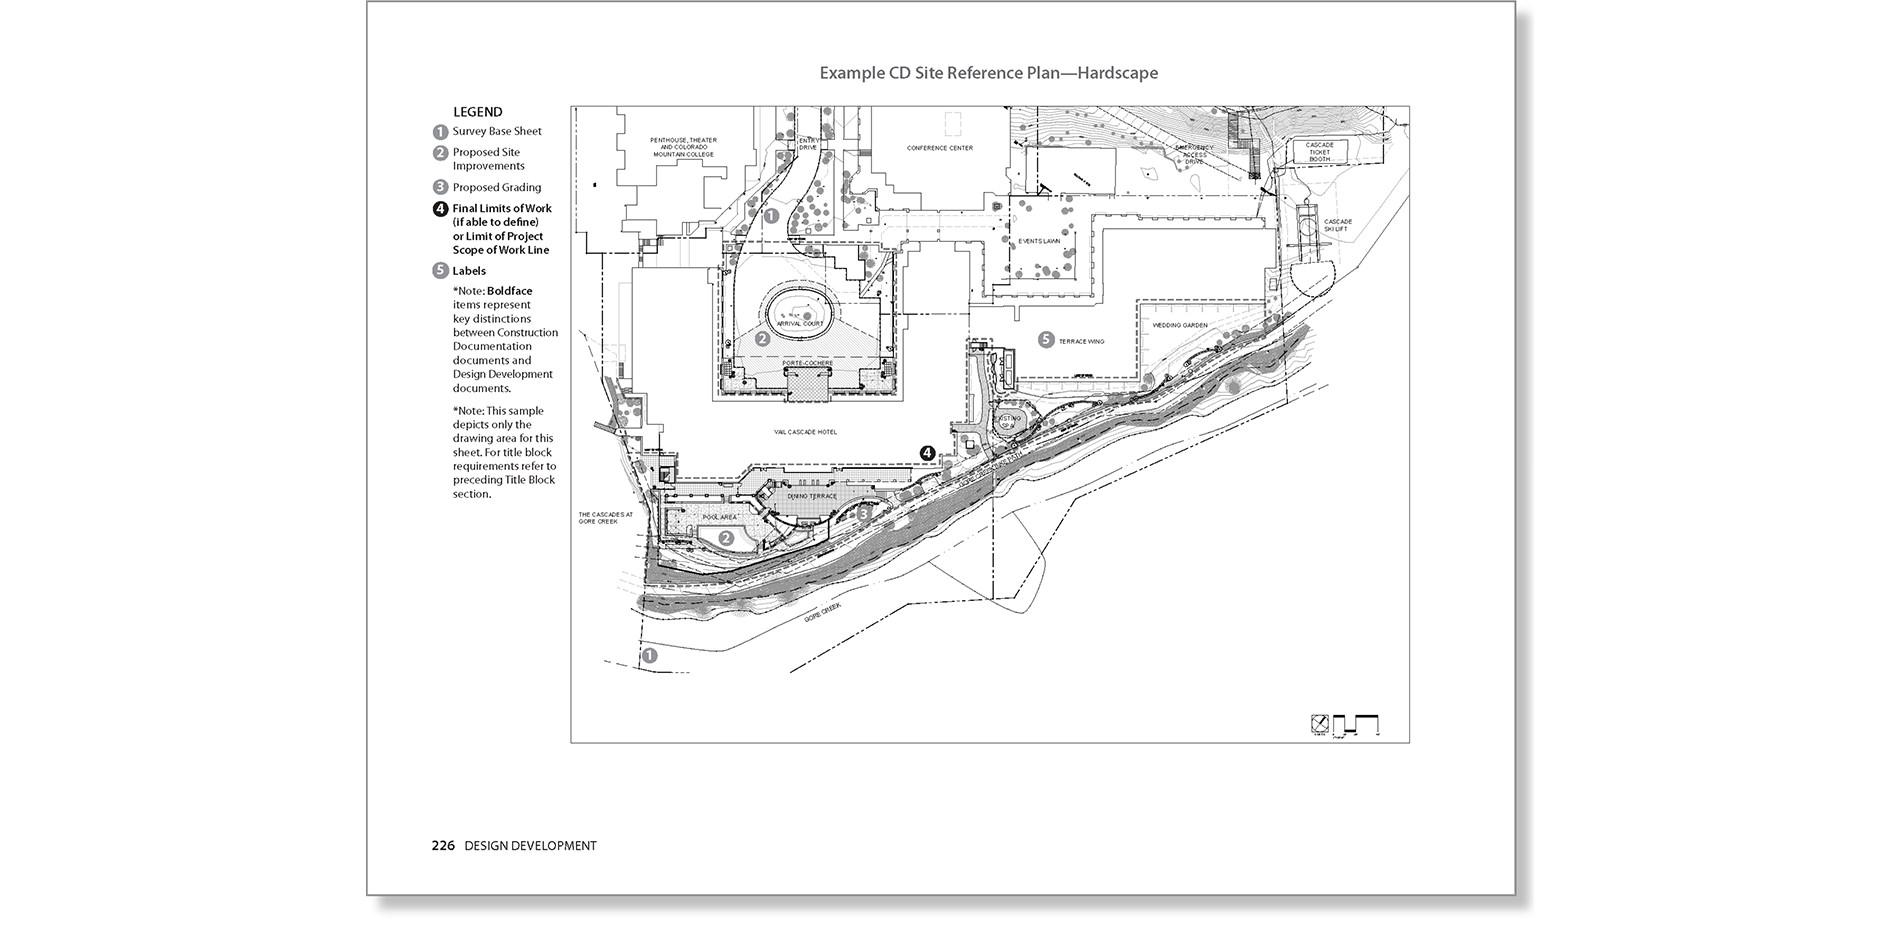 Landscape Architecture Documentation Standards Principles